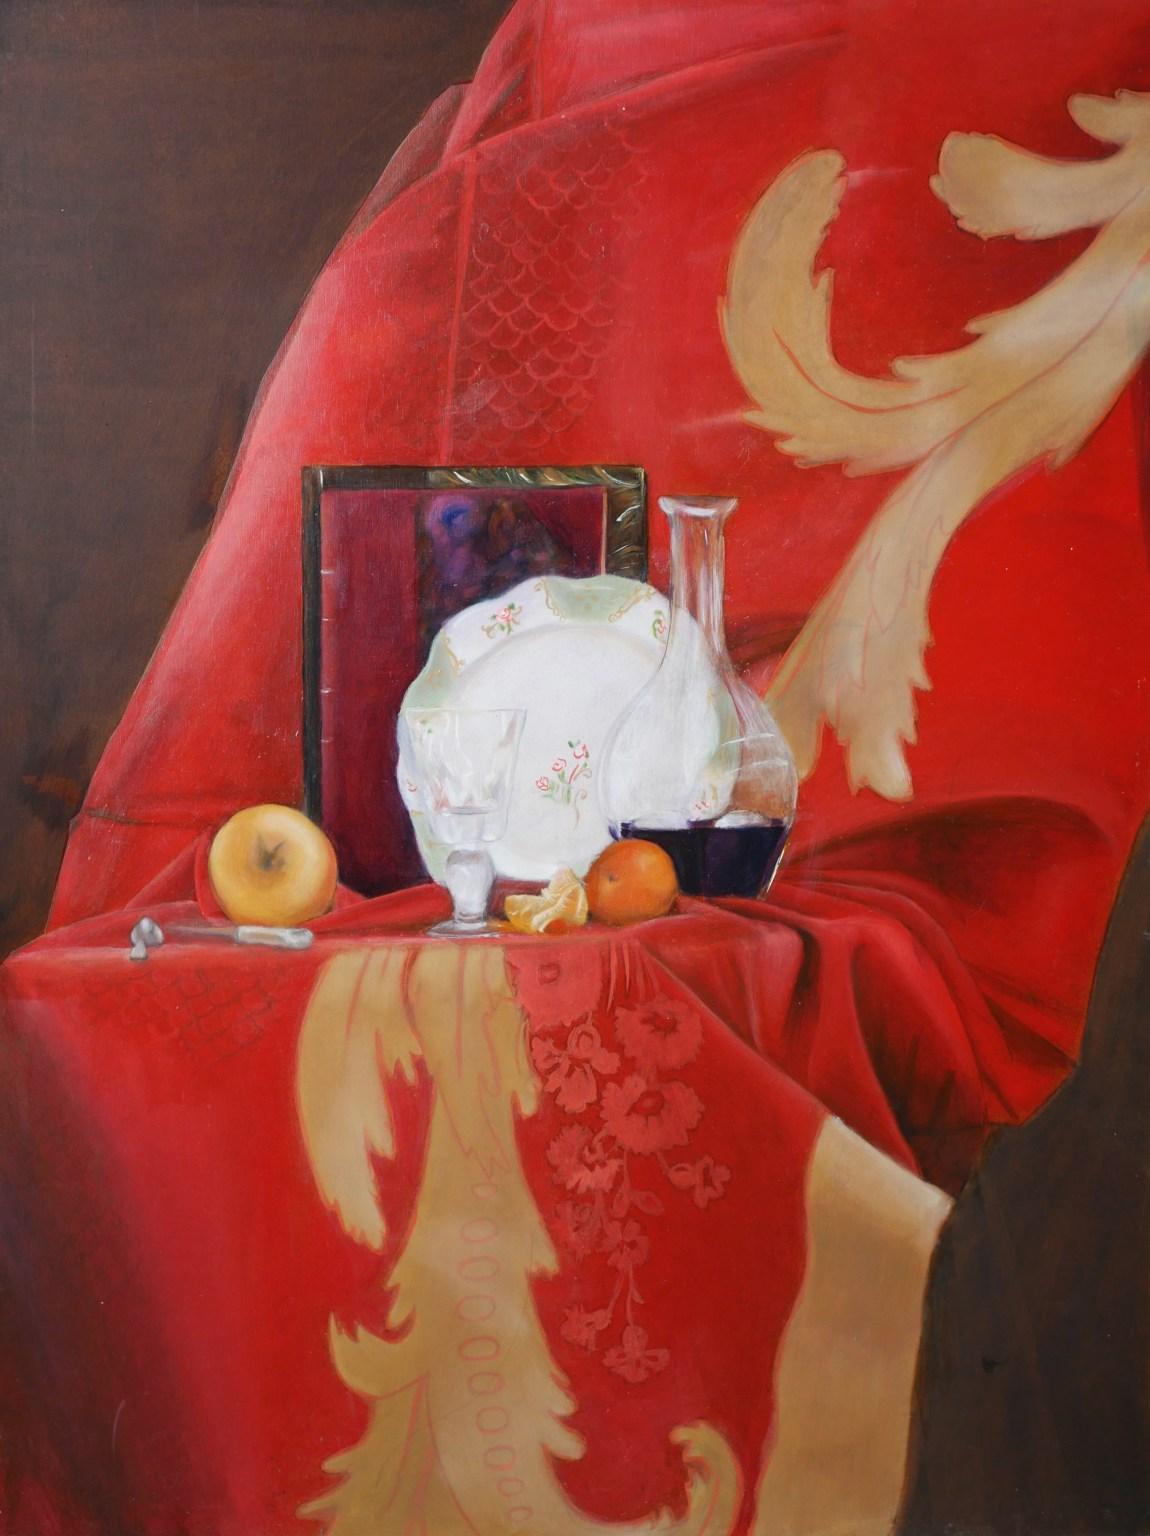 Décor nature morte trompe l'oeil d'intérieur, huile. Assilem décors, peintre en décor Bordeaux, décoration intérieure, peintre décorateur